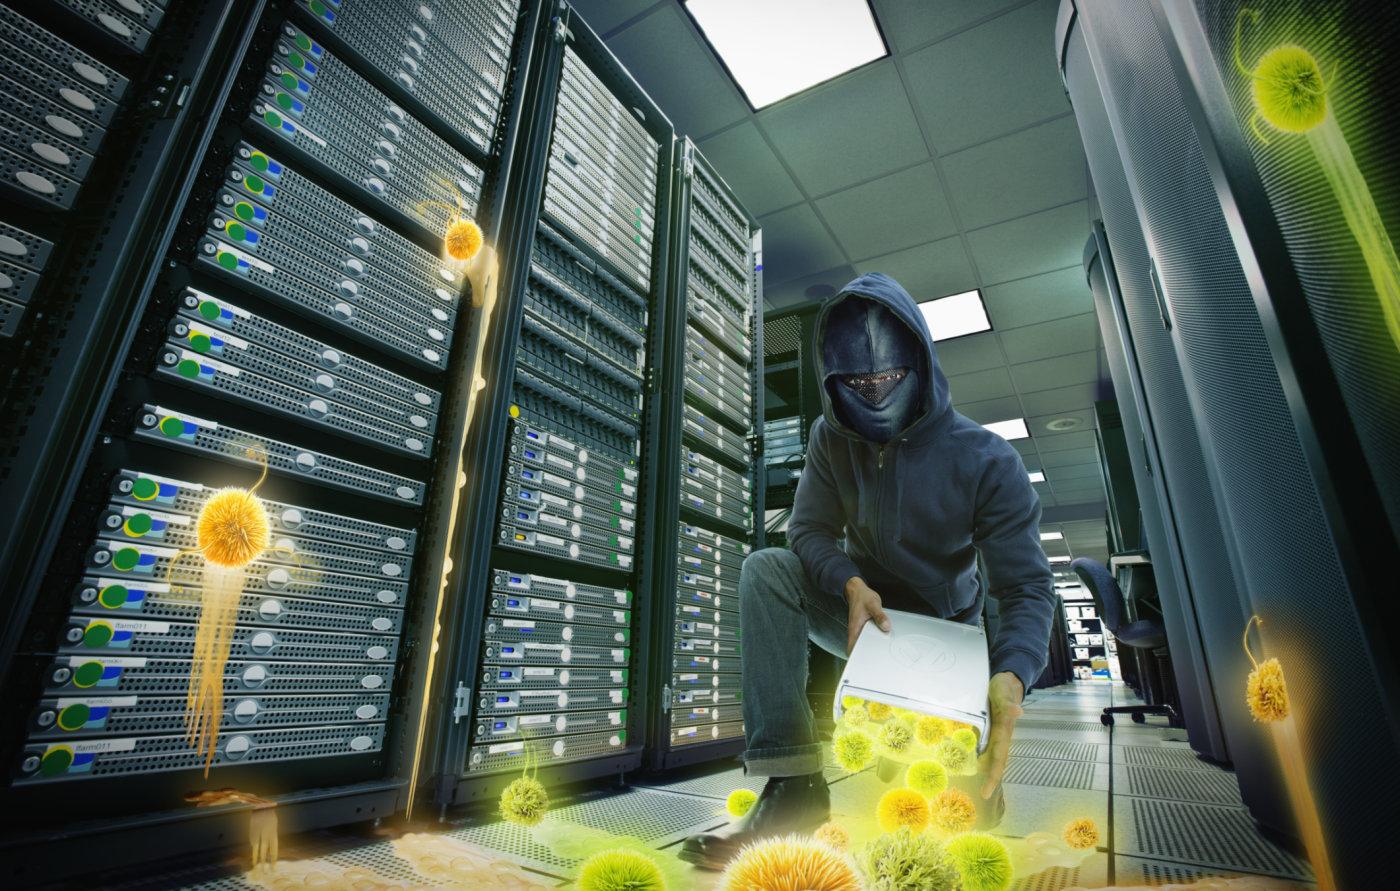 Avtor škodljive programske kode bo olajšan za preračunanih šest milijonov evrov!